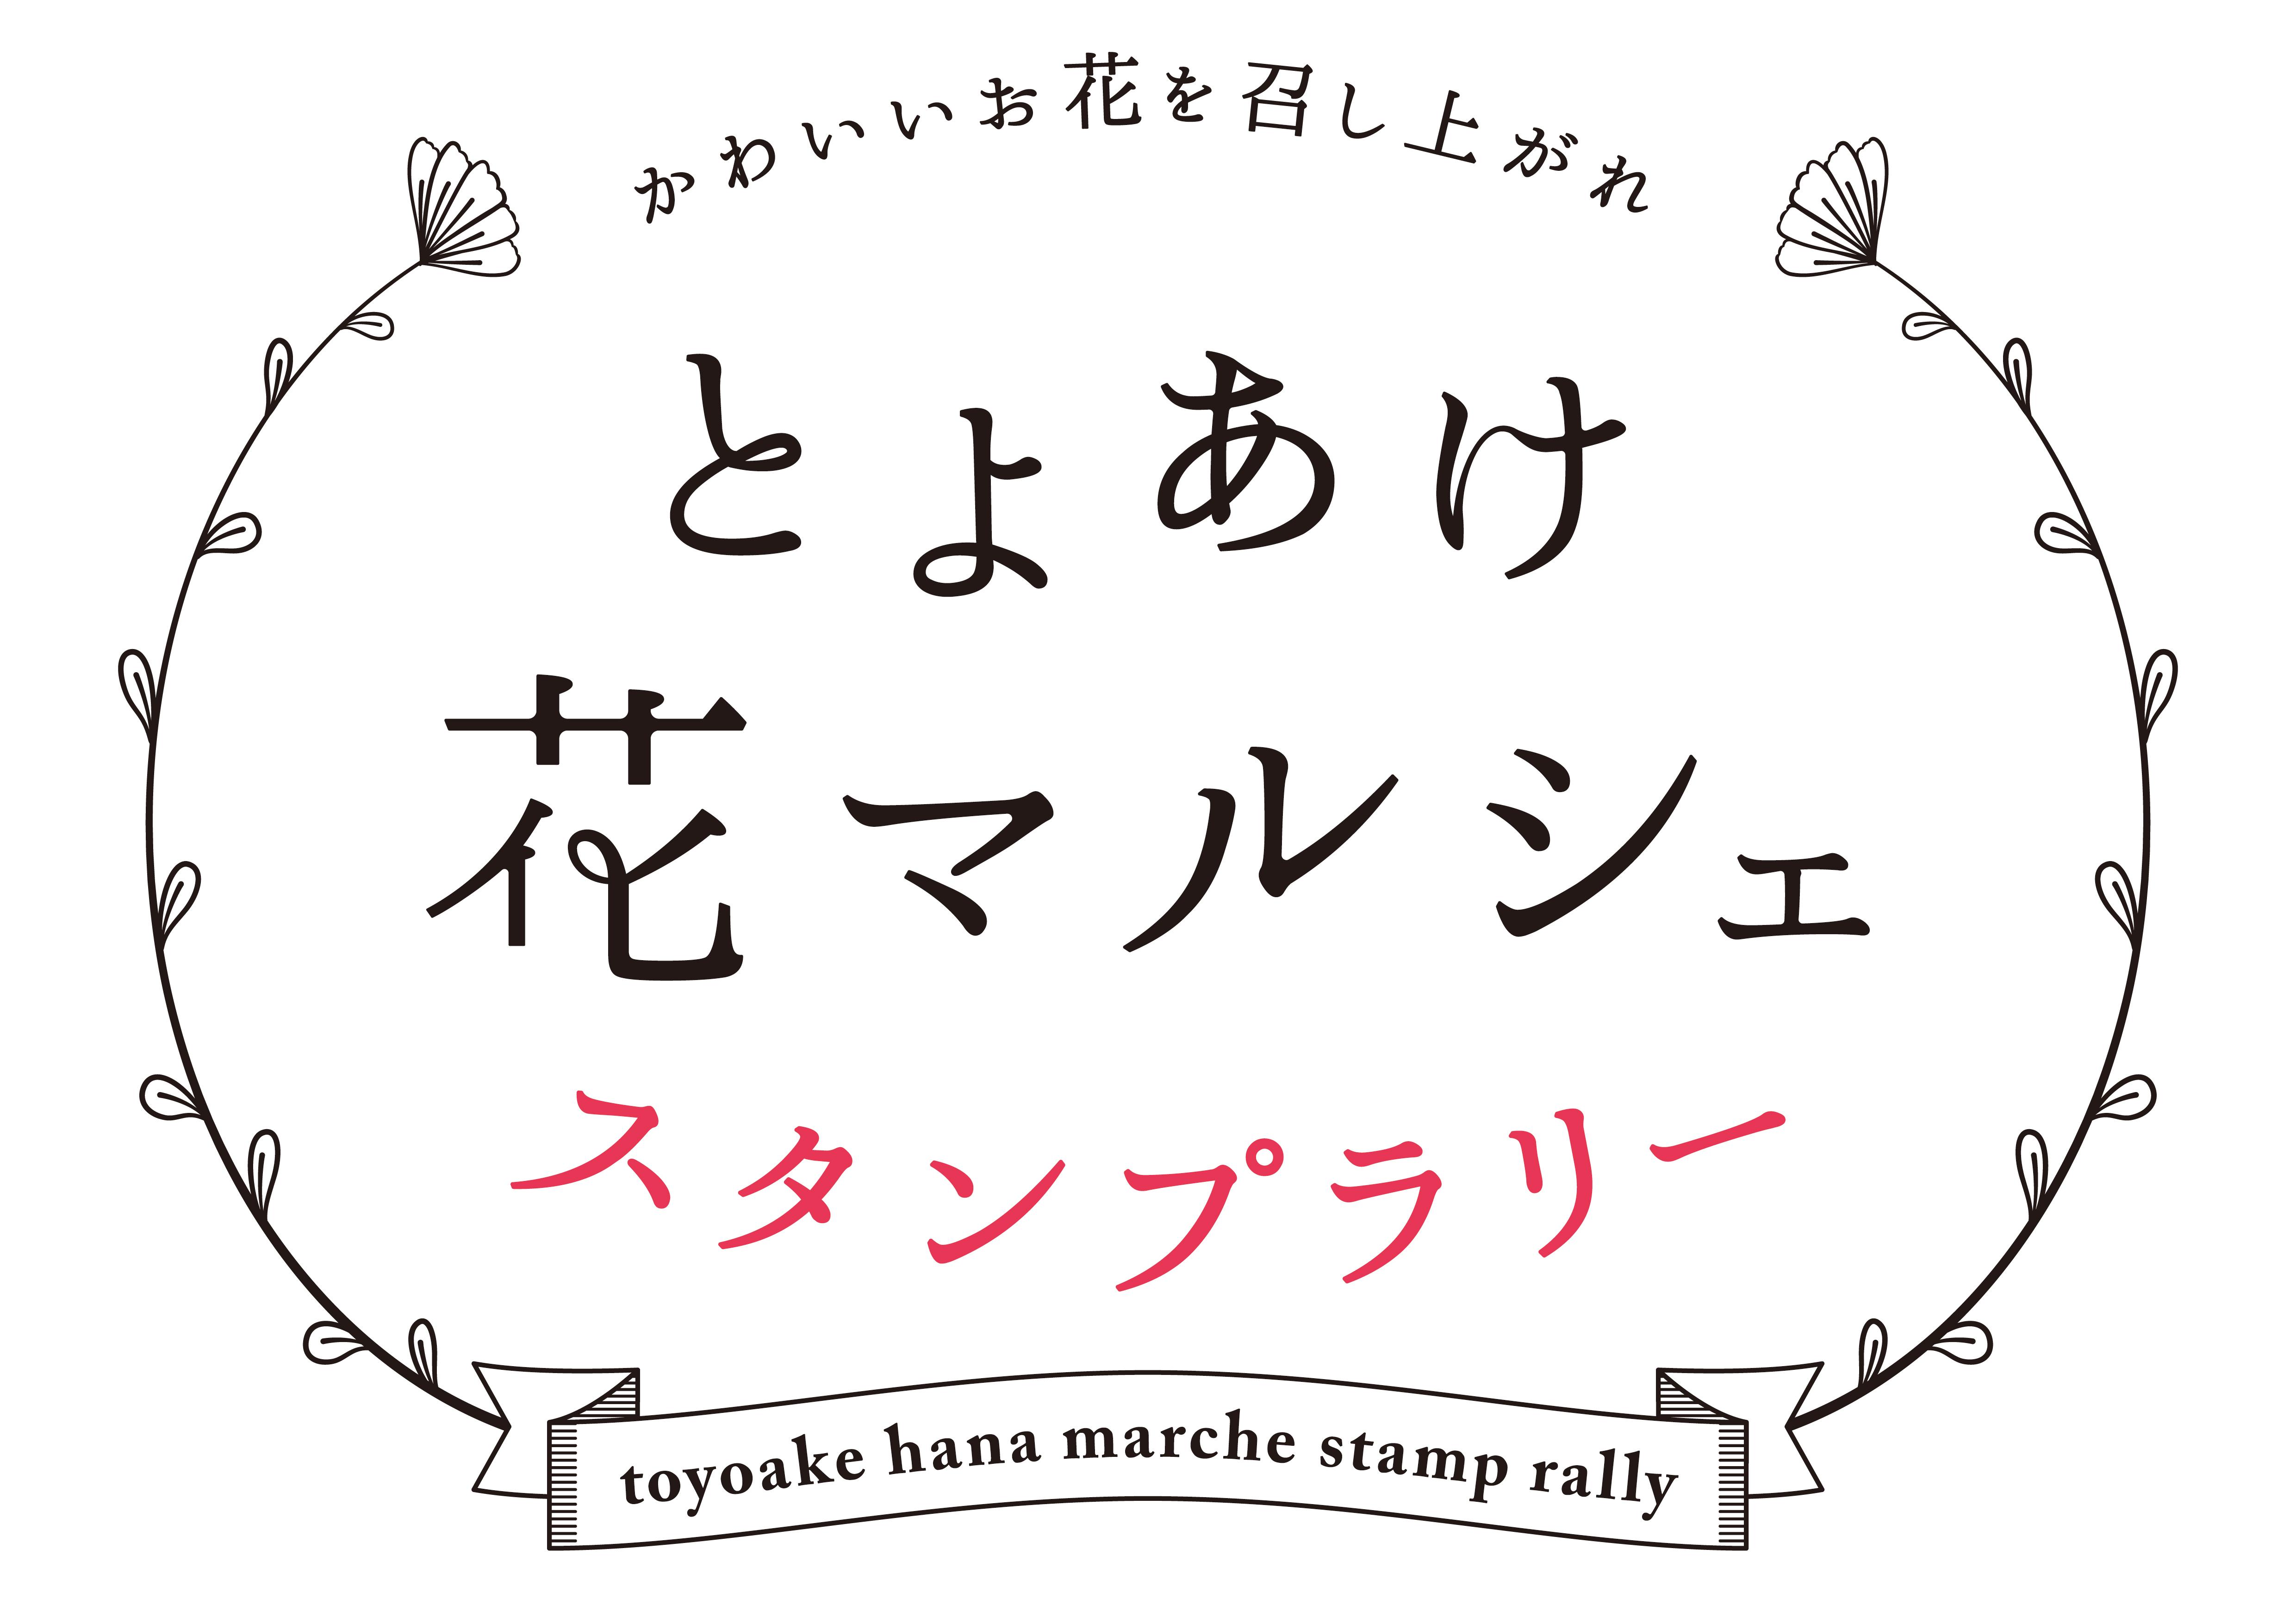 toyoake_stamp_logo.jpg